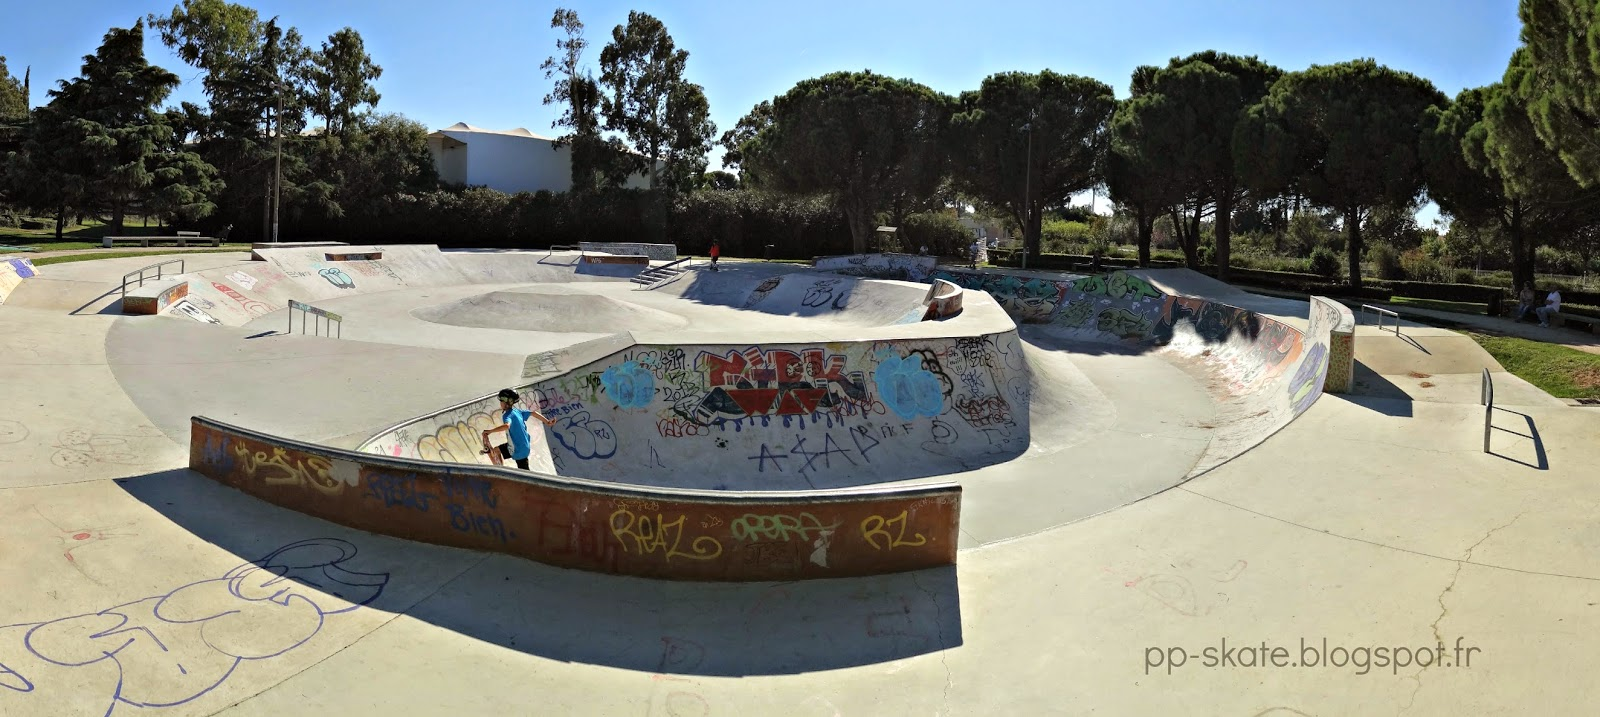 skatepark Fos sur mer